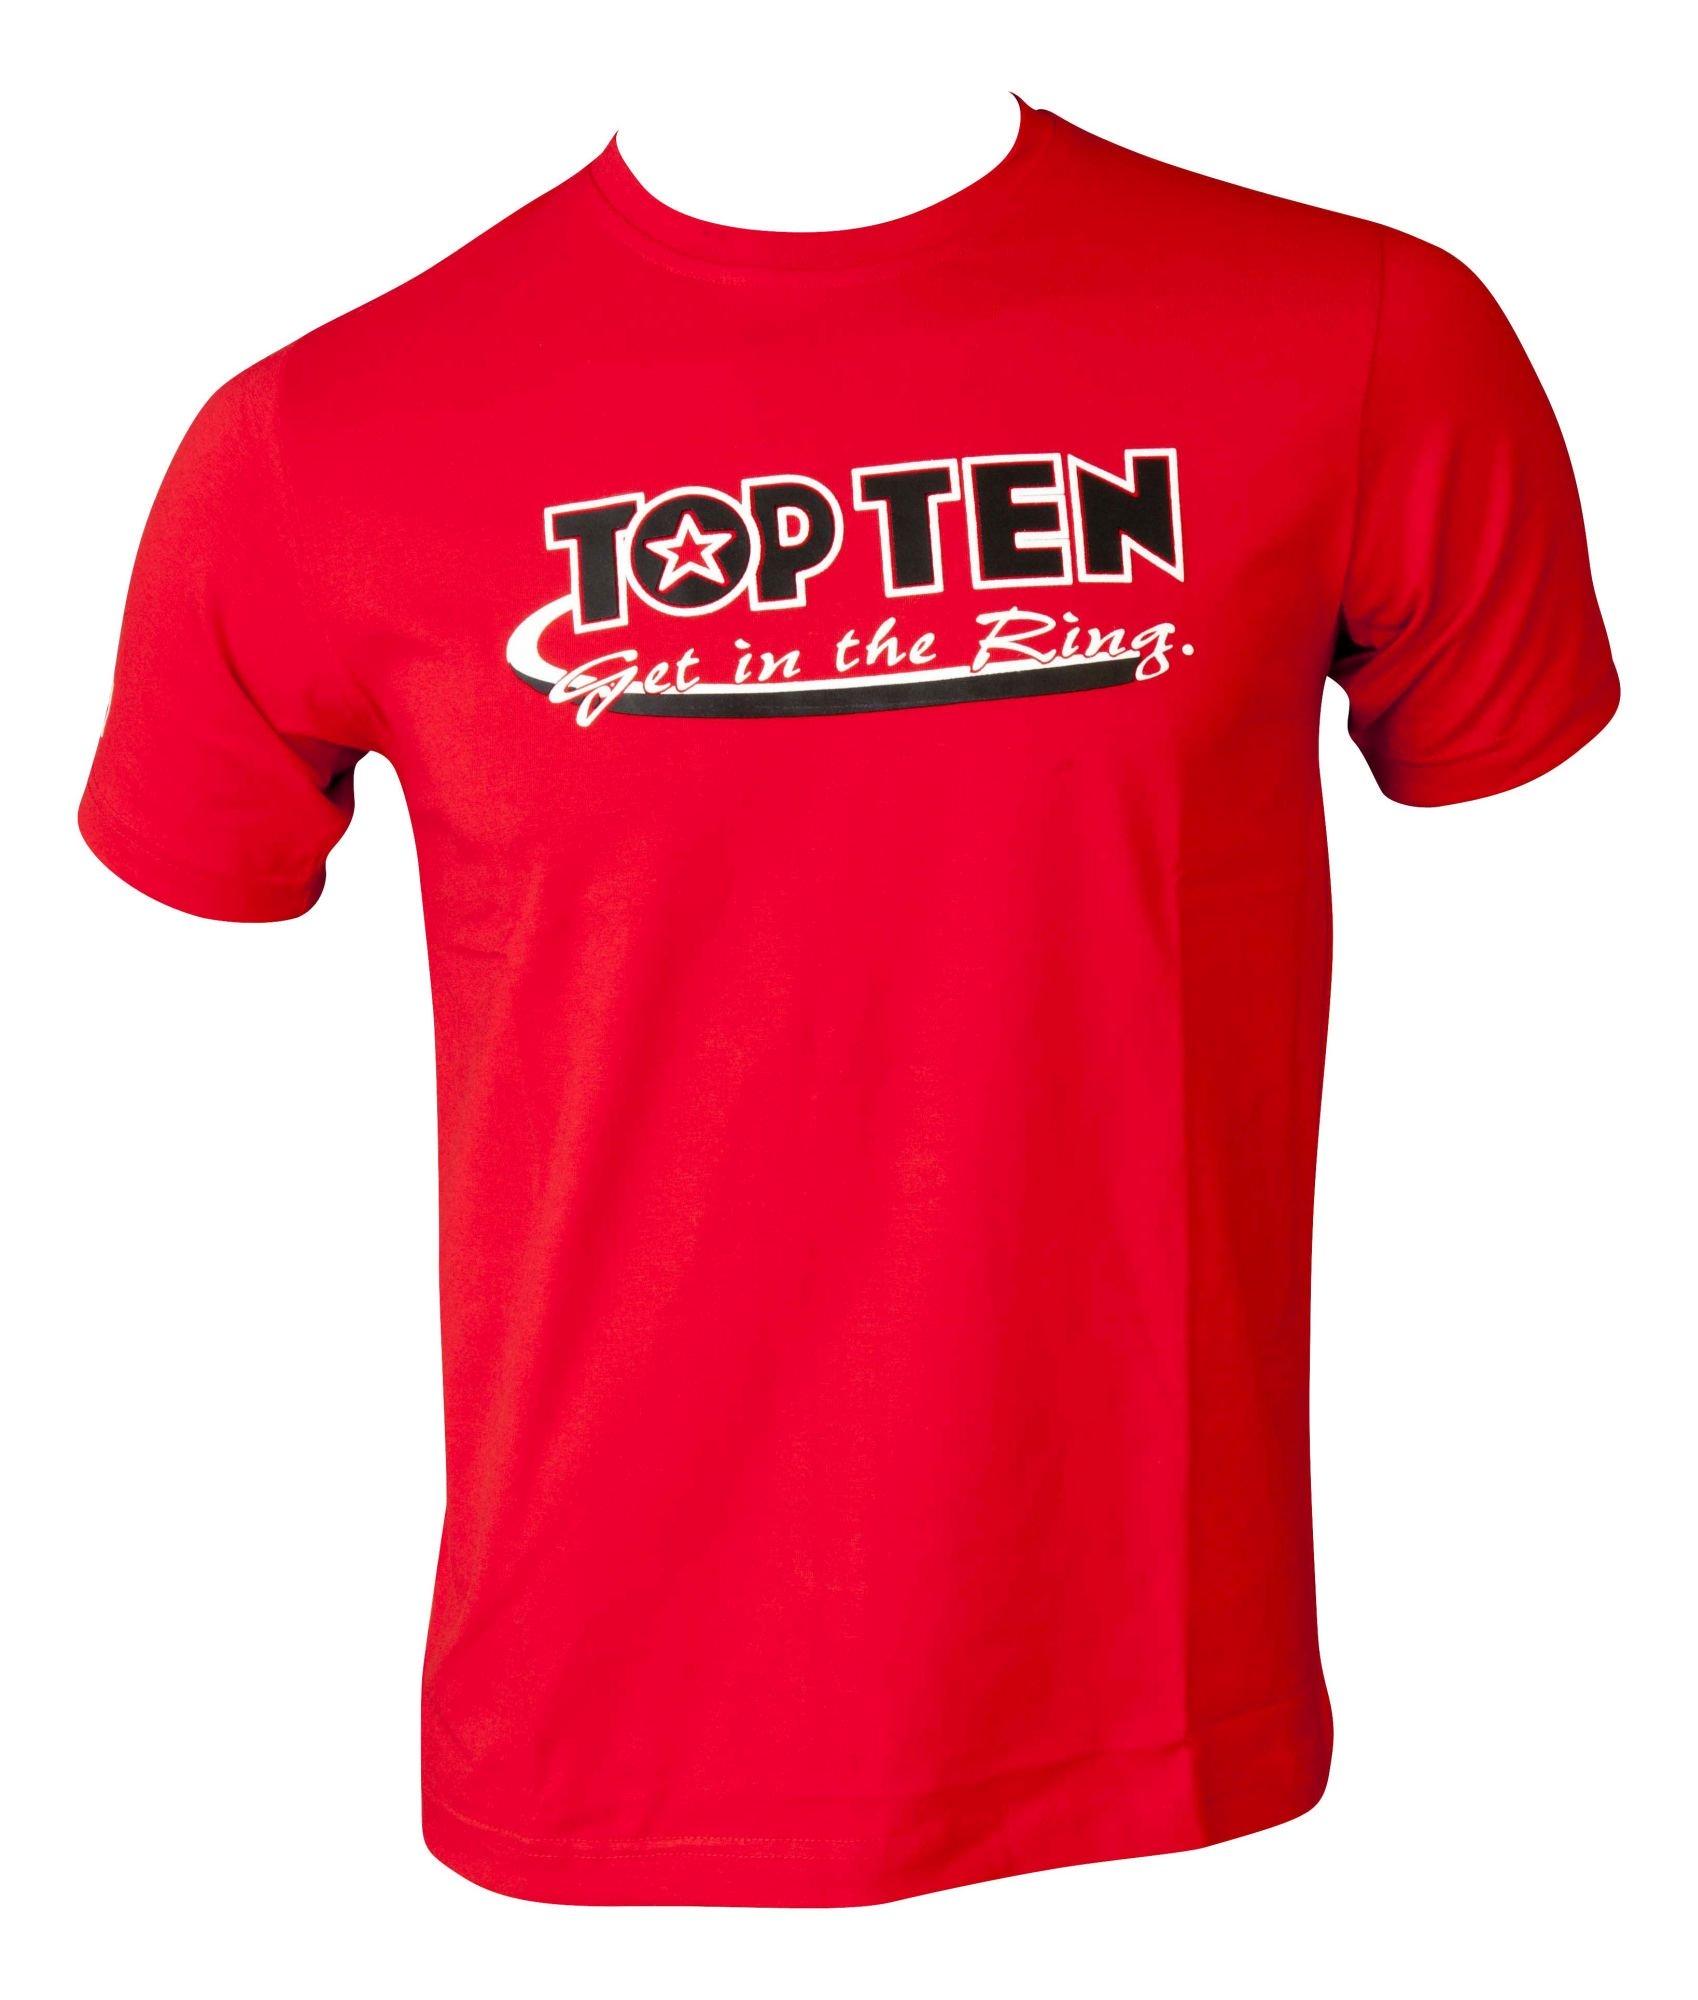 """TOP TEN T-Shirt """"Get in the Ring"""" Grijs"""